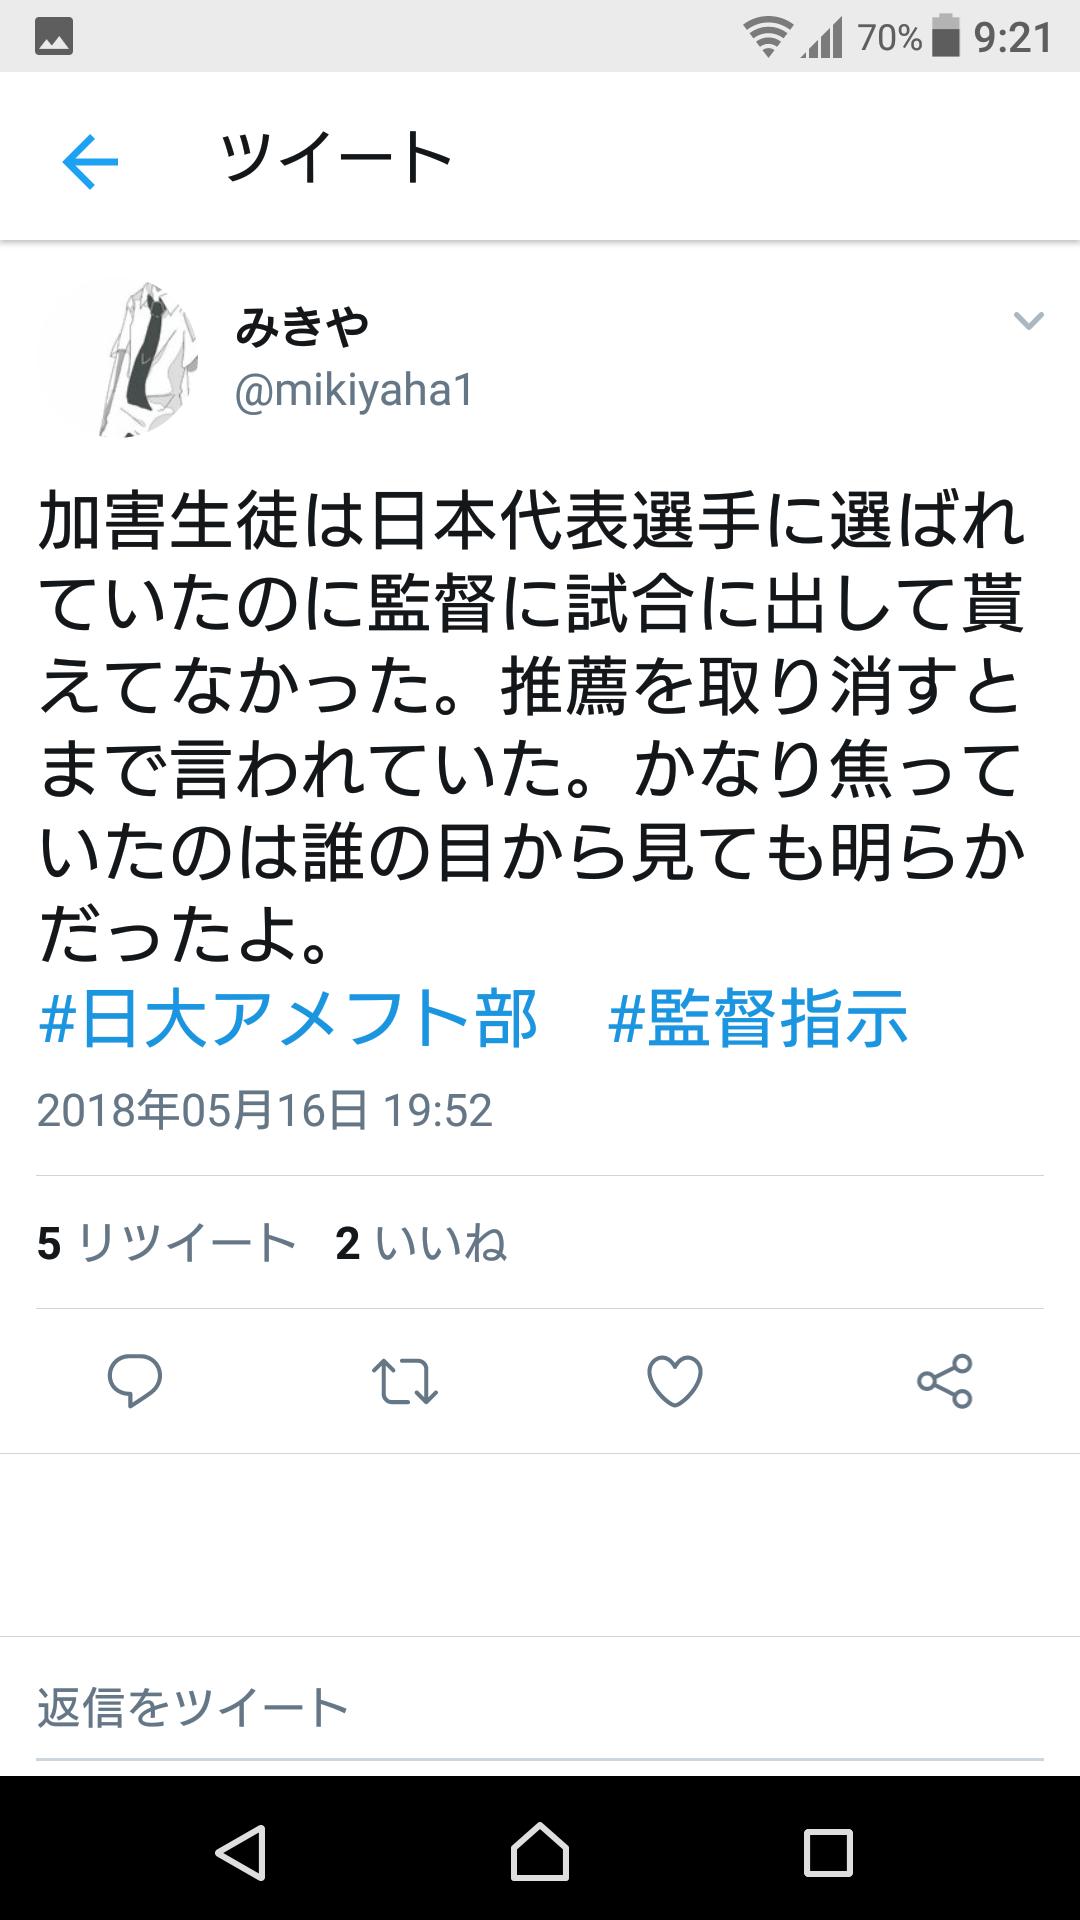 日本大アメフト部ラフプレー問題 監督、試合前に「1人つぶしてこい」と選手に指示か